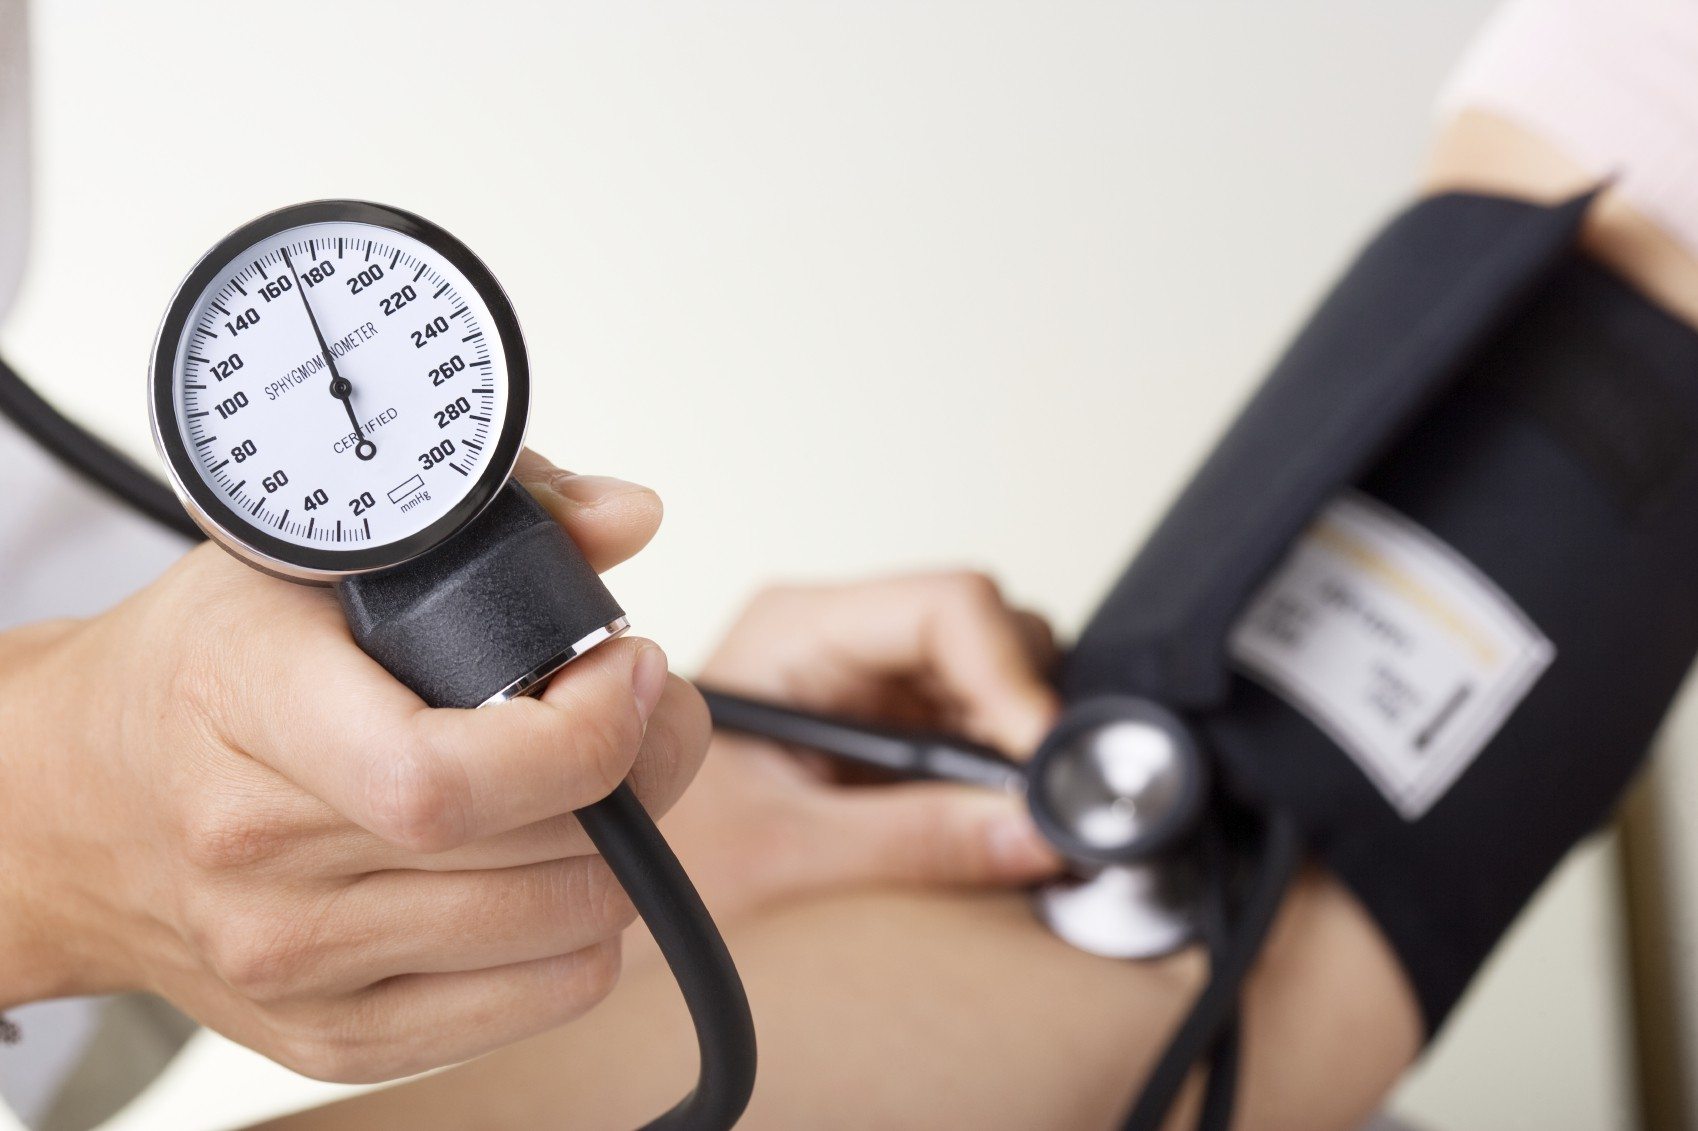 Huyết áp cao là gì? Nguyên nhân, dấu hiệu và cách điều trị - Ảnh 1.